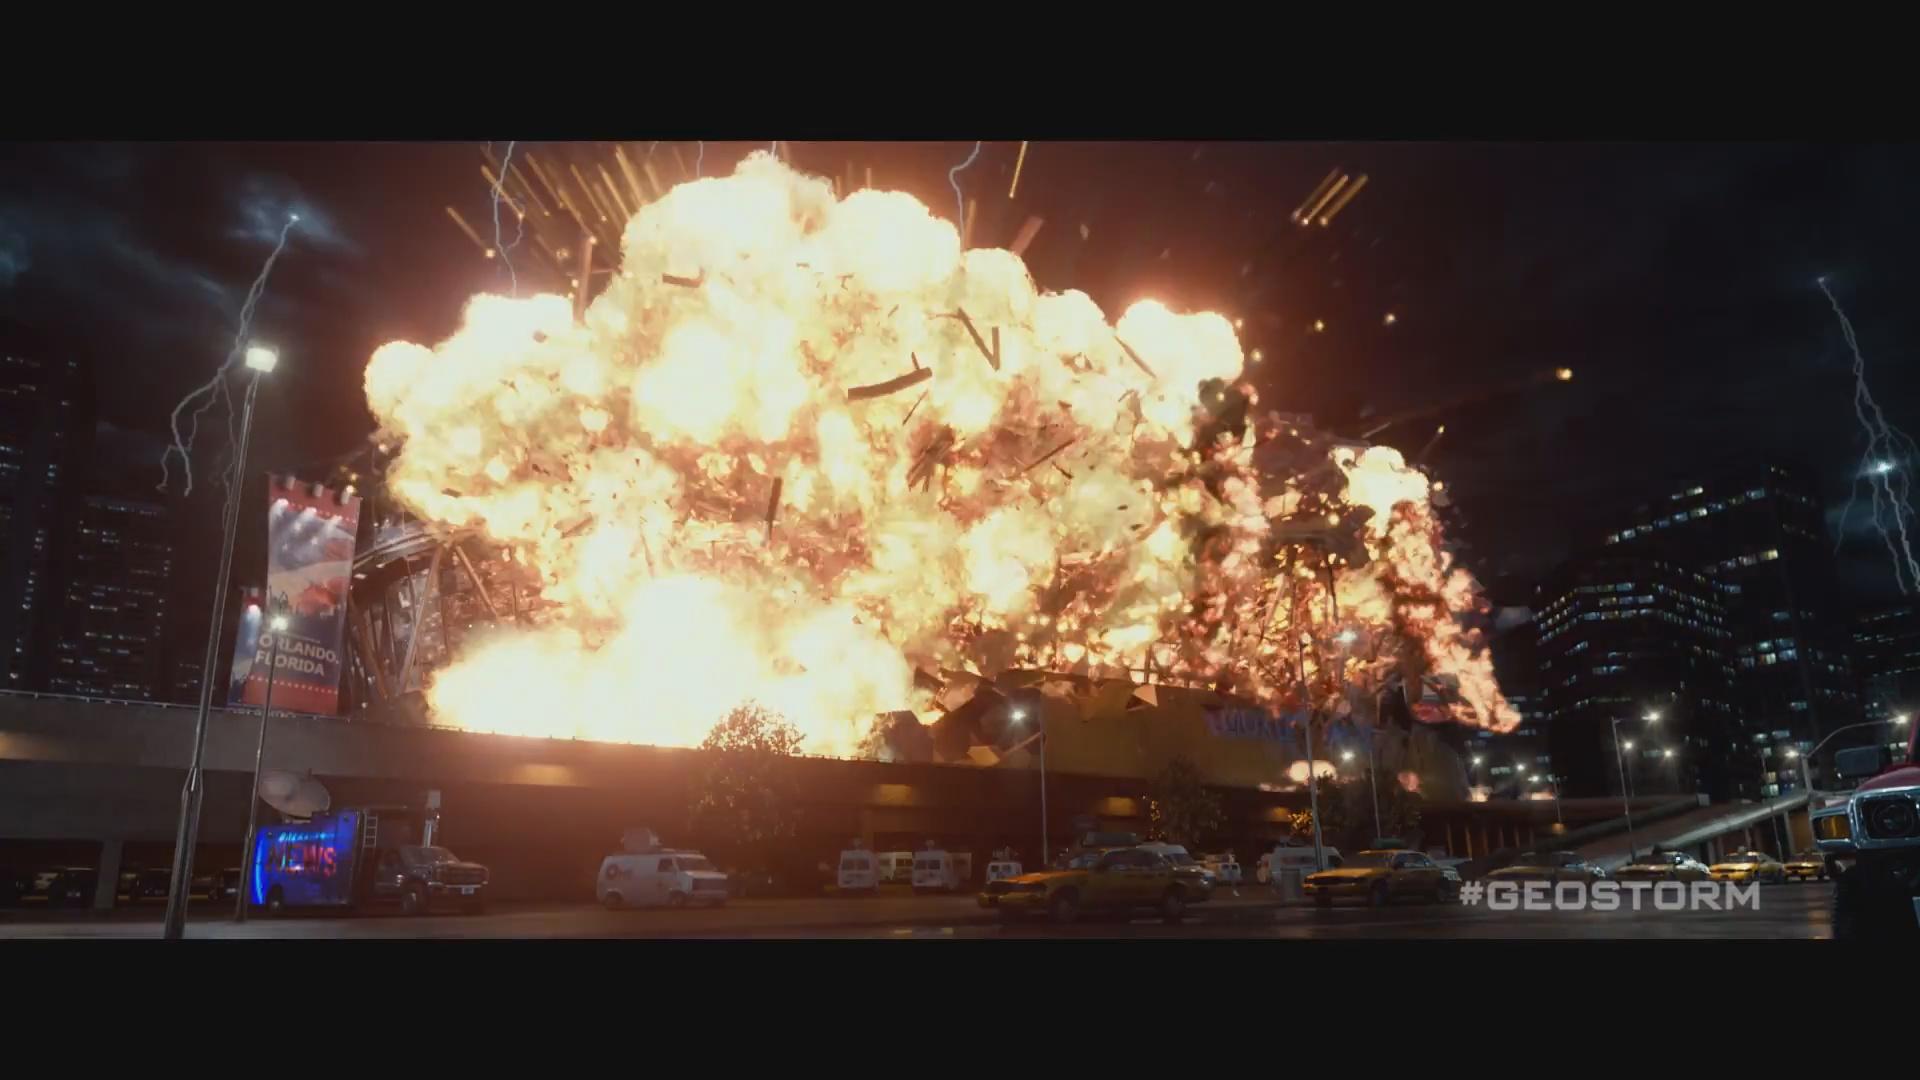 规模空前灾难巨制,杰拉德巴特勒领衔《全球风暴》IMAX版预告